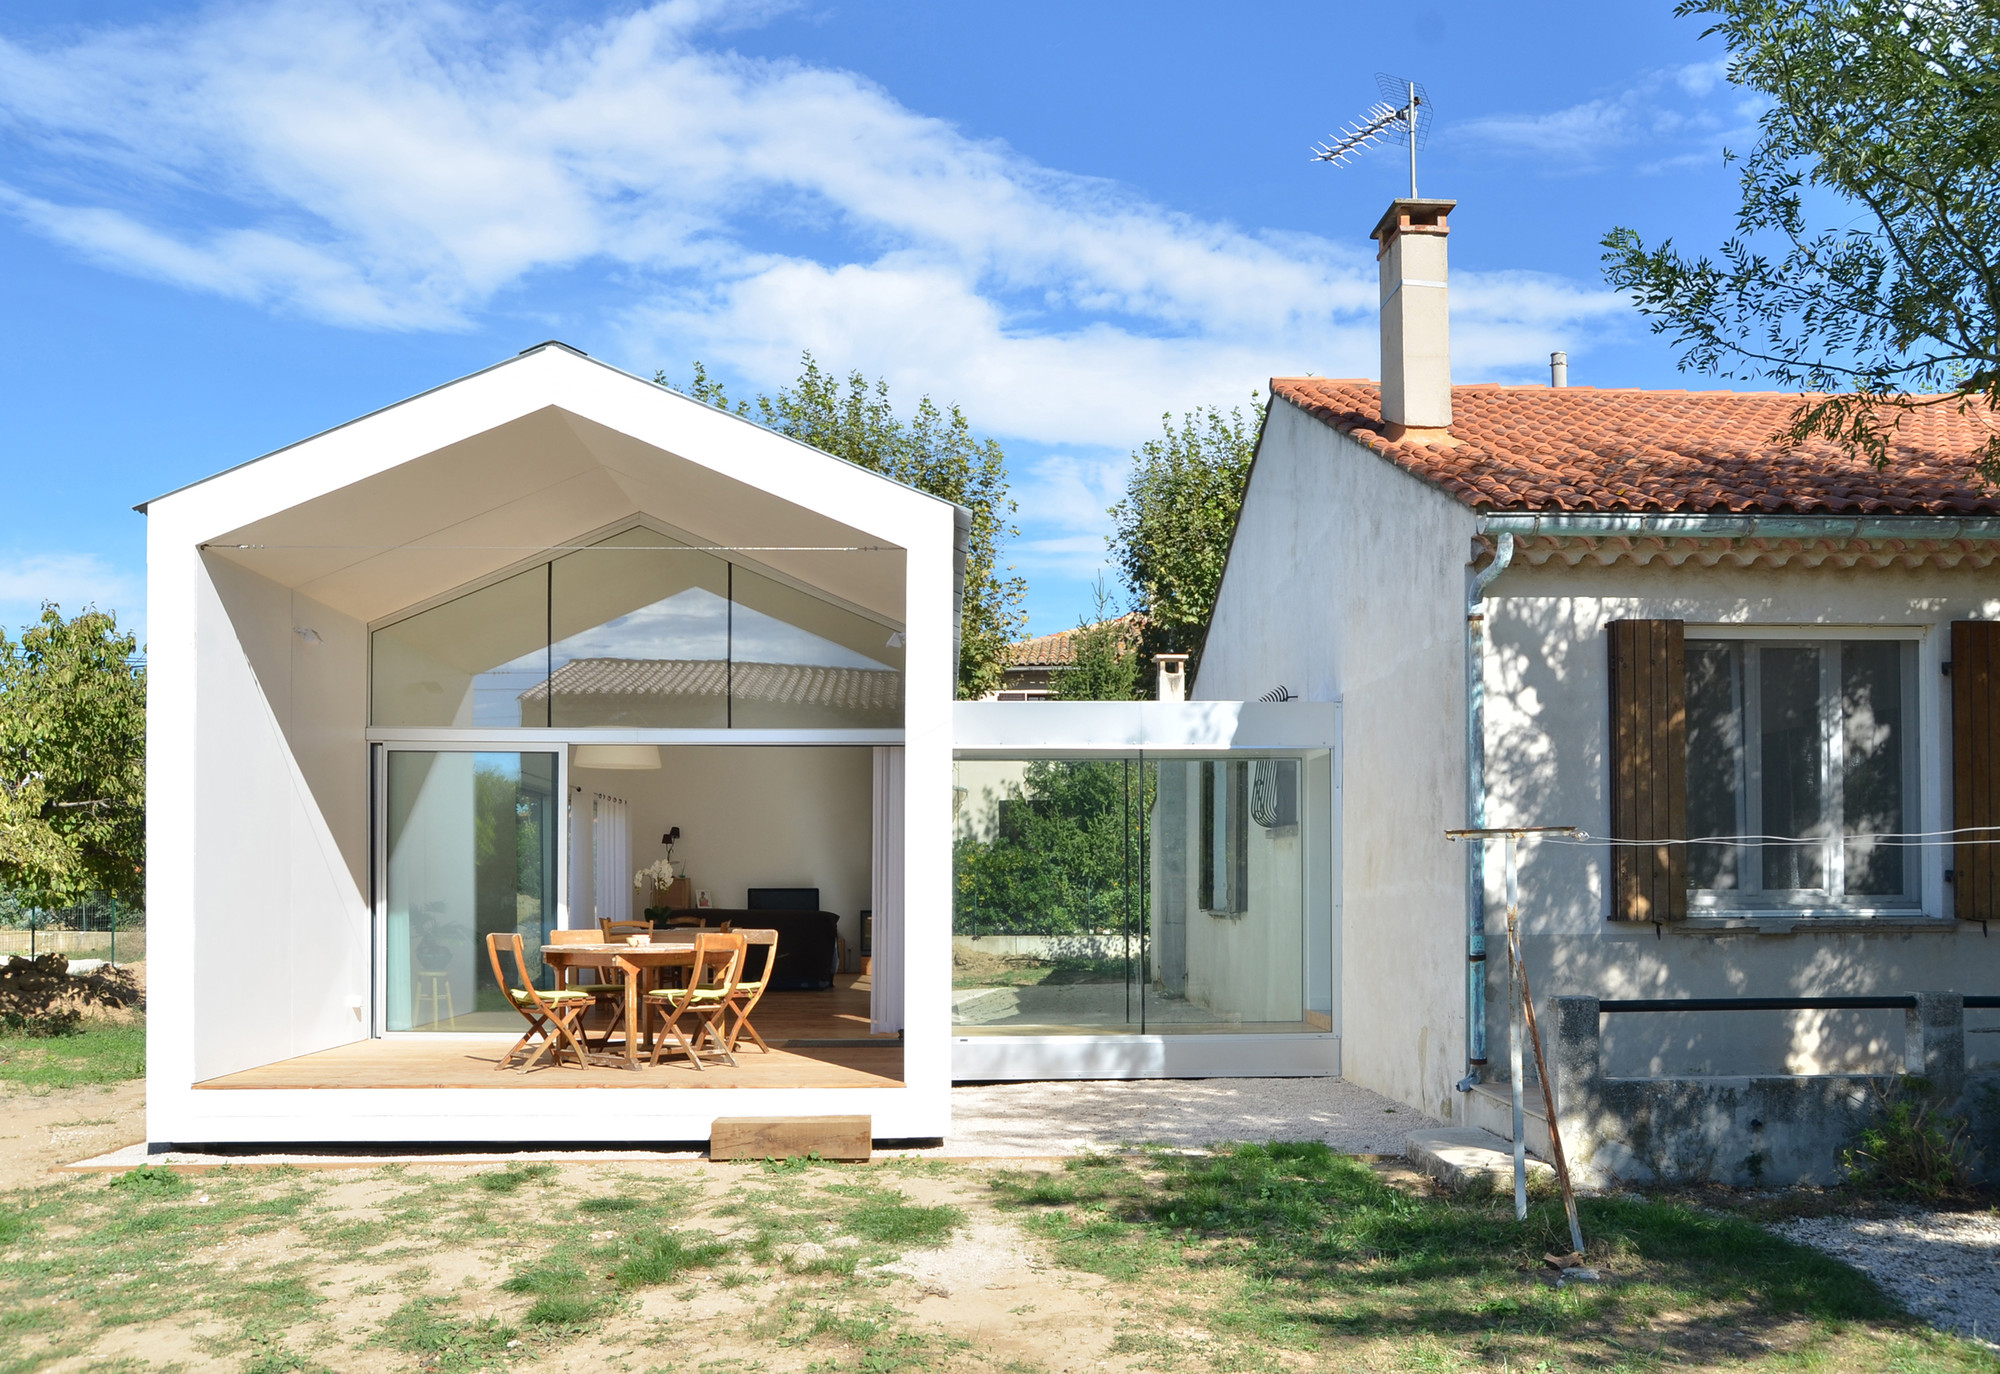 La grange de mon p re mj architectes archdaily - Extension maison container ...